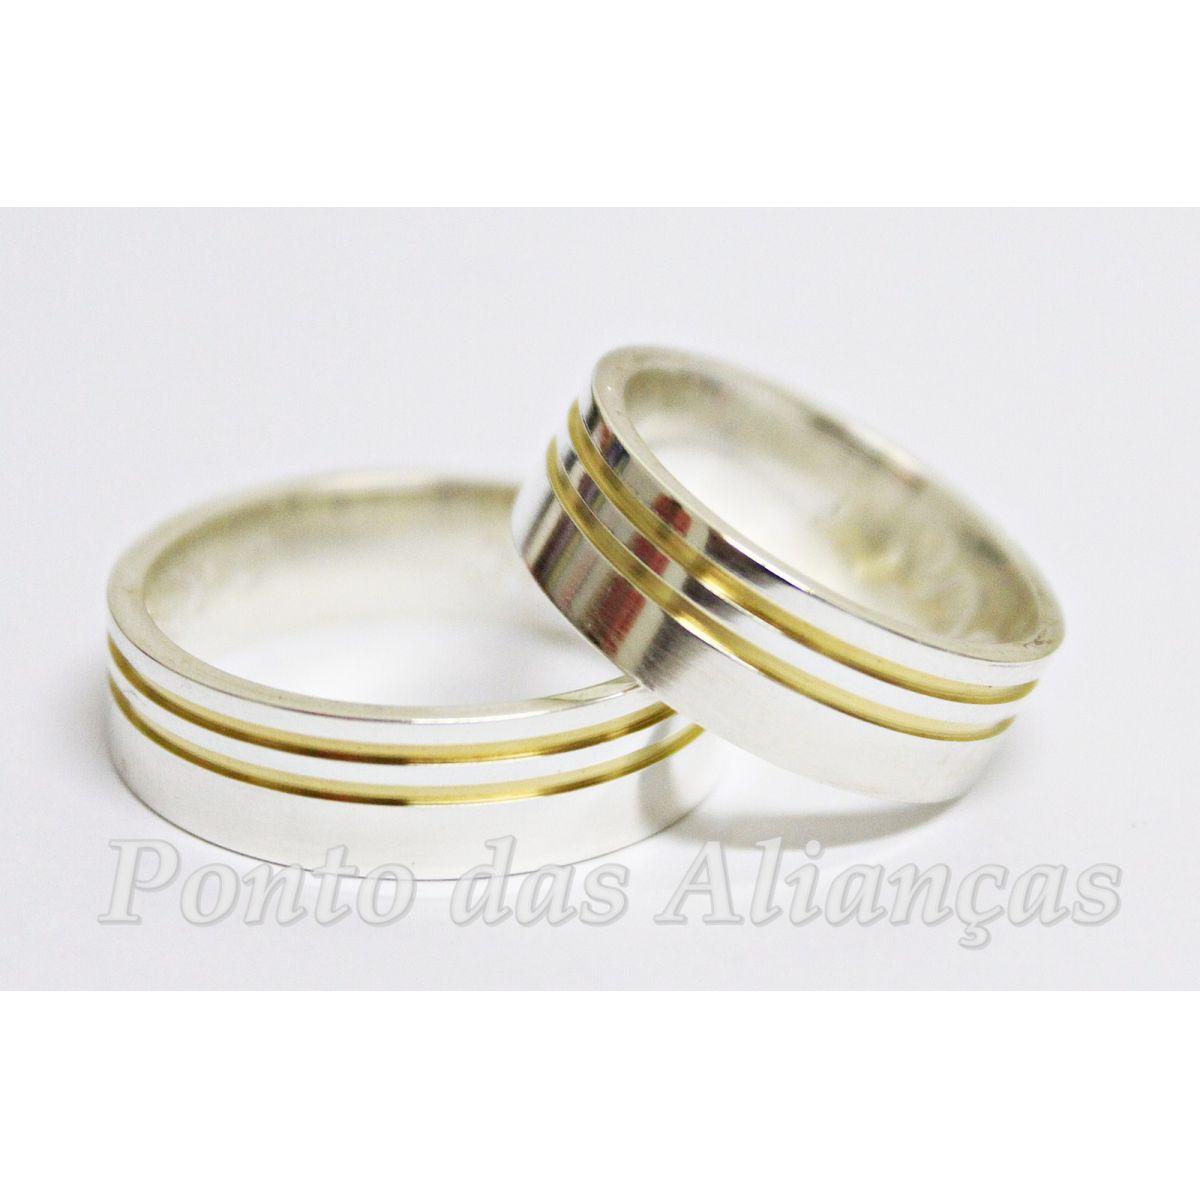 Alianças de Prata Compromisso - Noivado - 3022